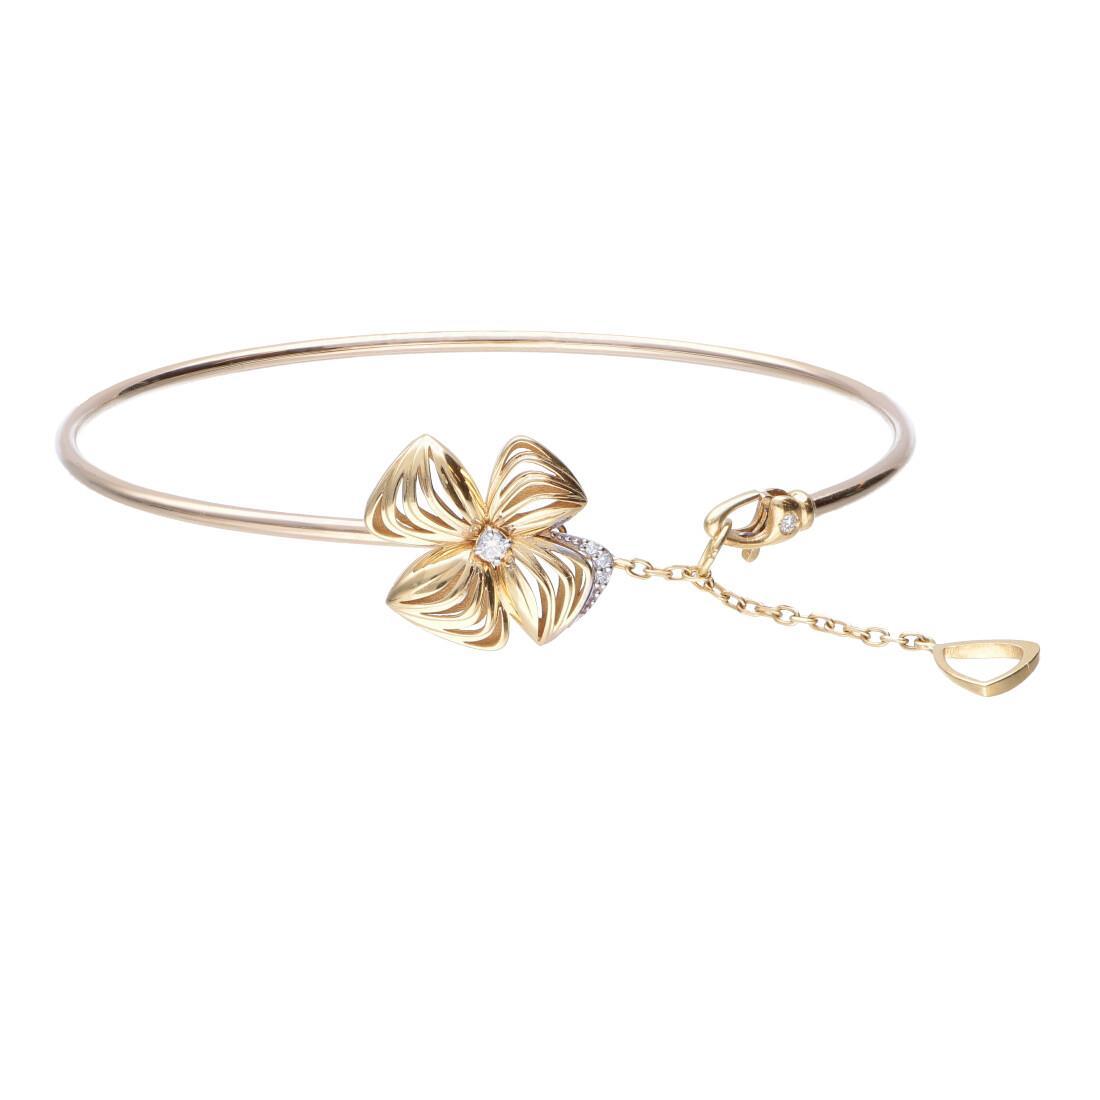 Bracciale in oro giallo e diamanti con fiore  - ALFIERI & ST. JOHN